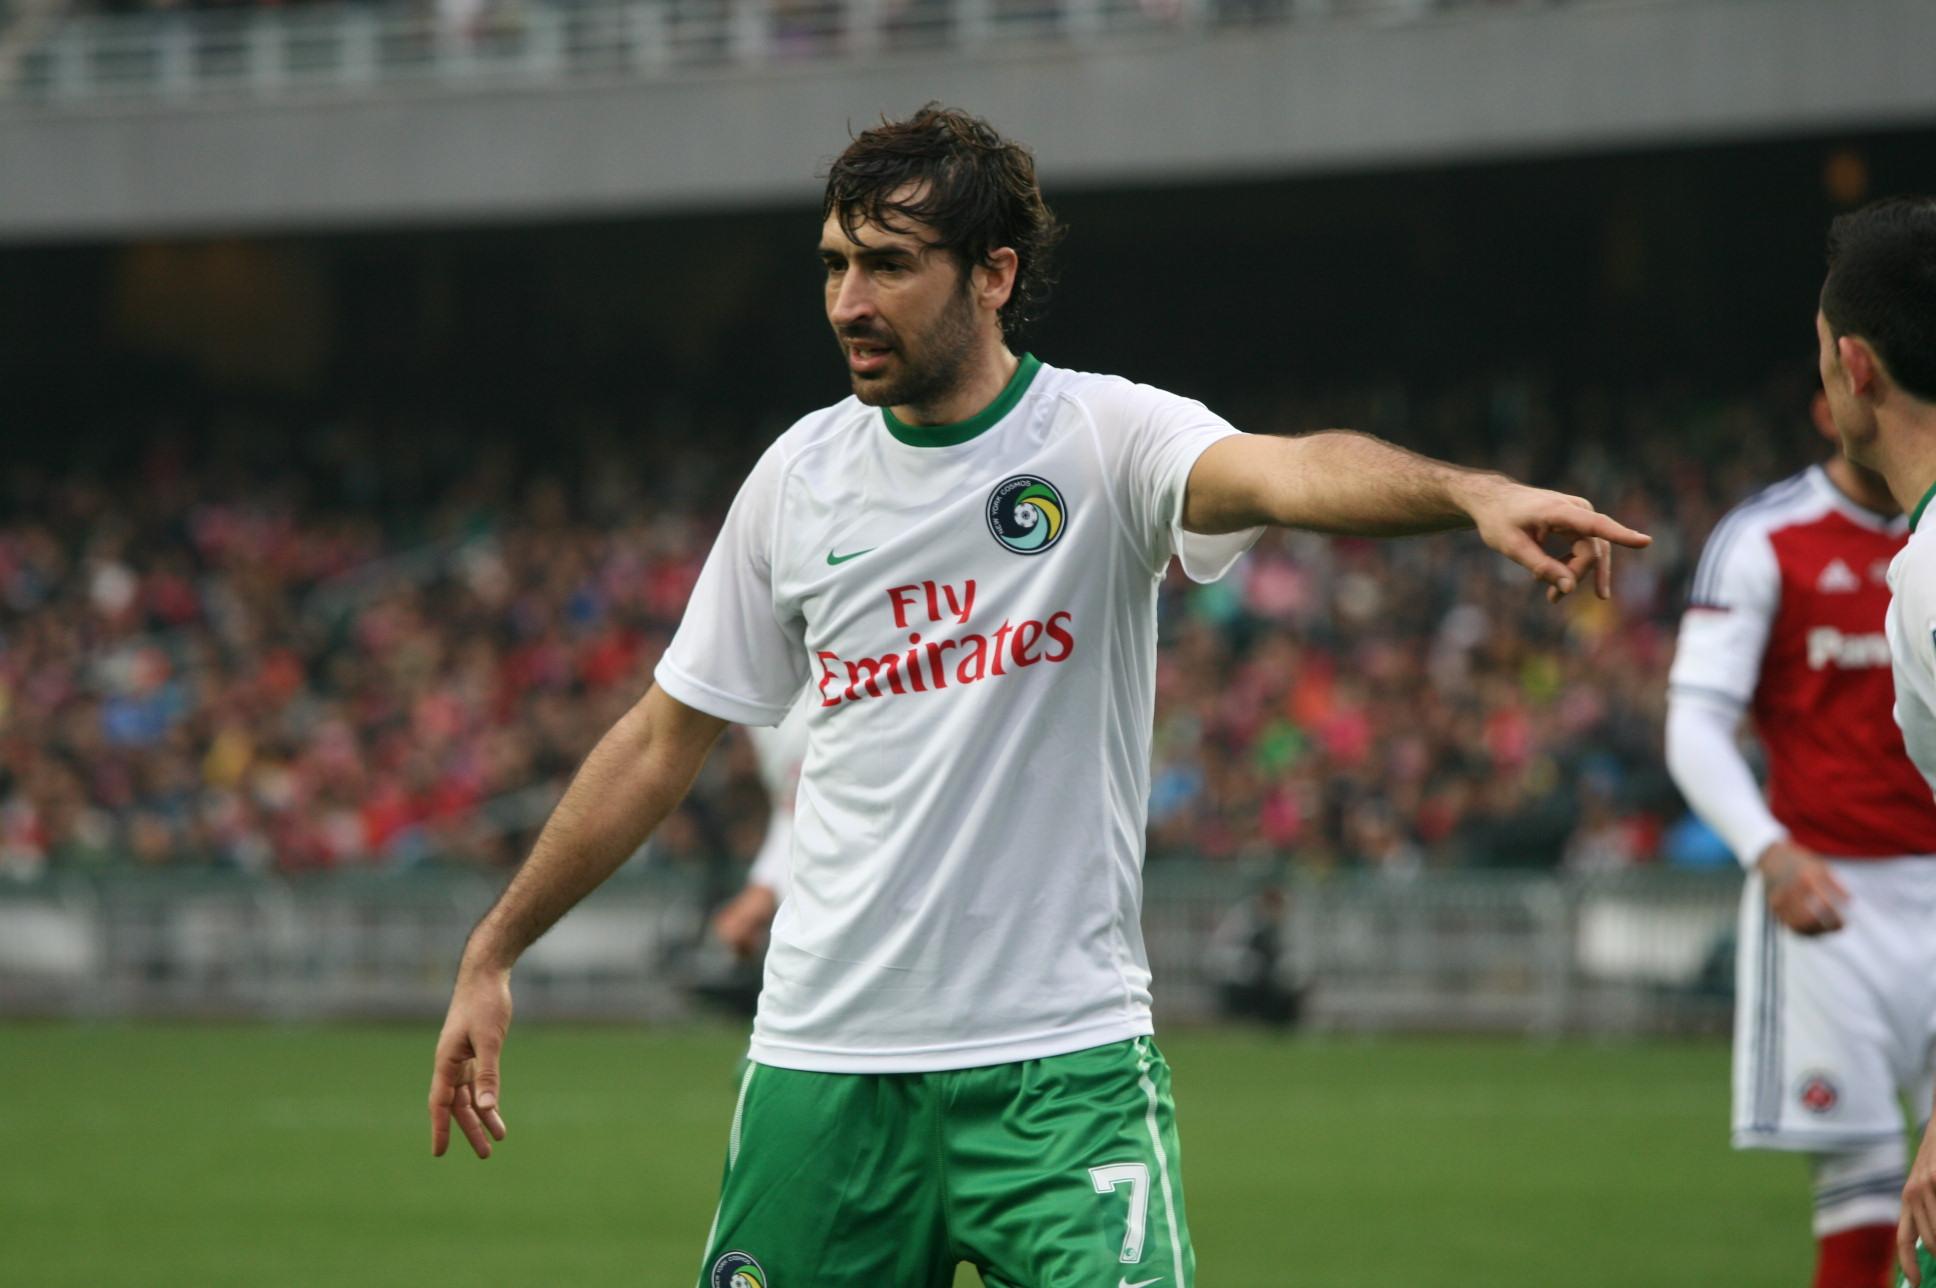 Raul con la maglia dei New York Cosmos.